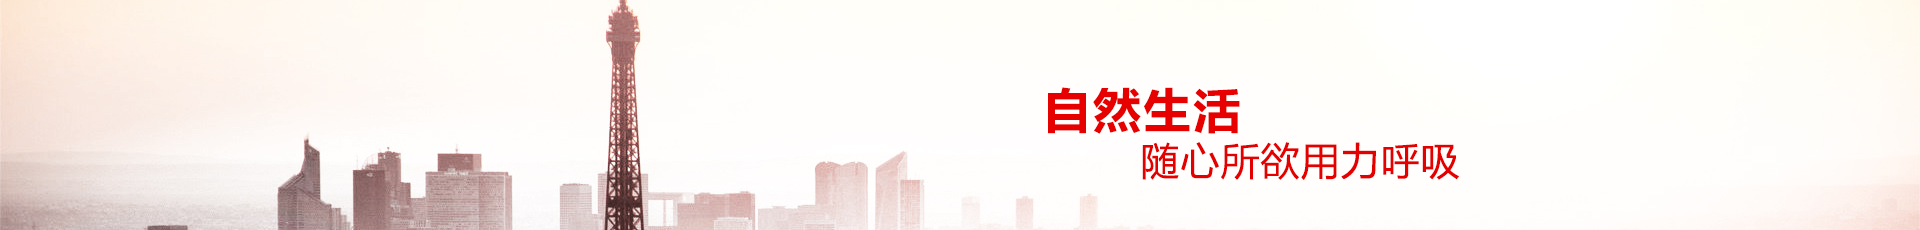 万博manbetx客户端-欢迎您广告